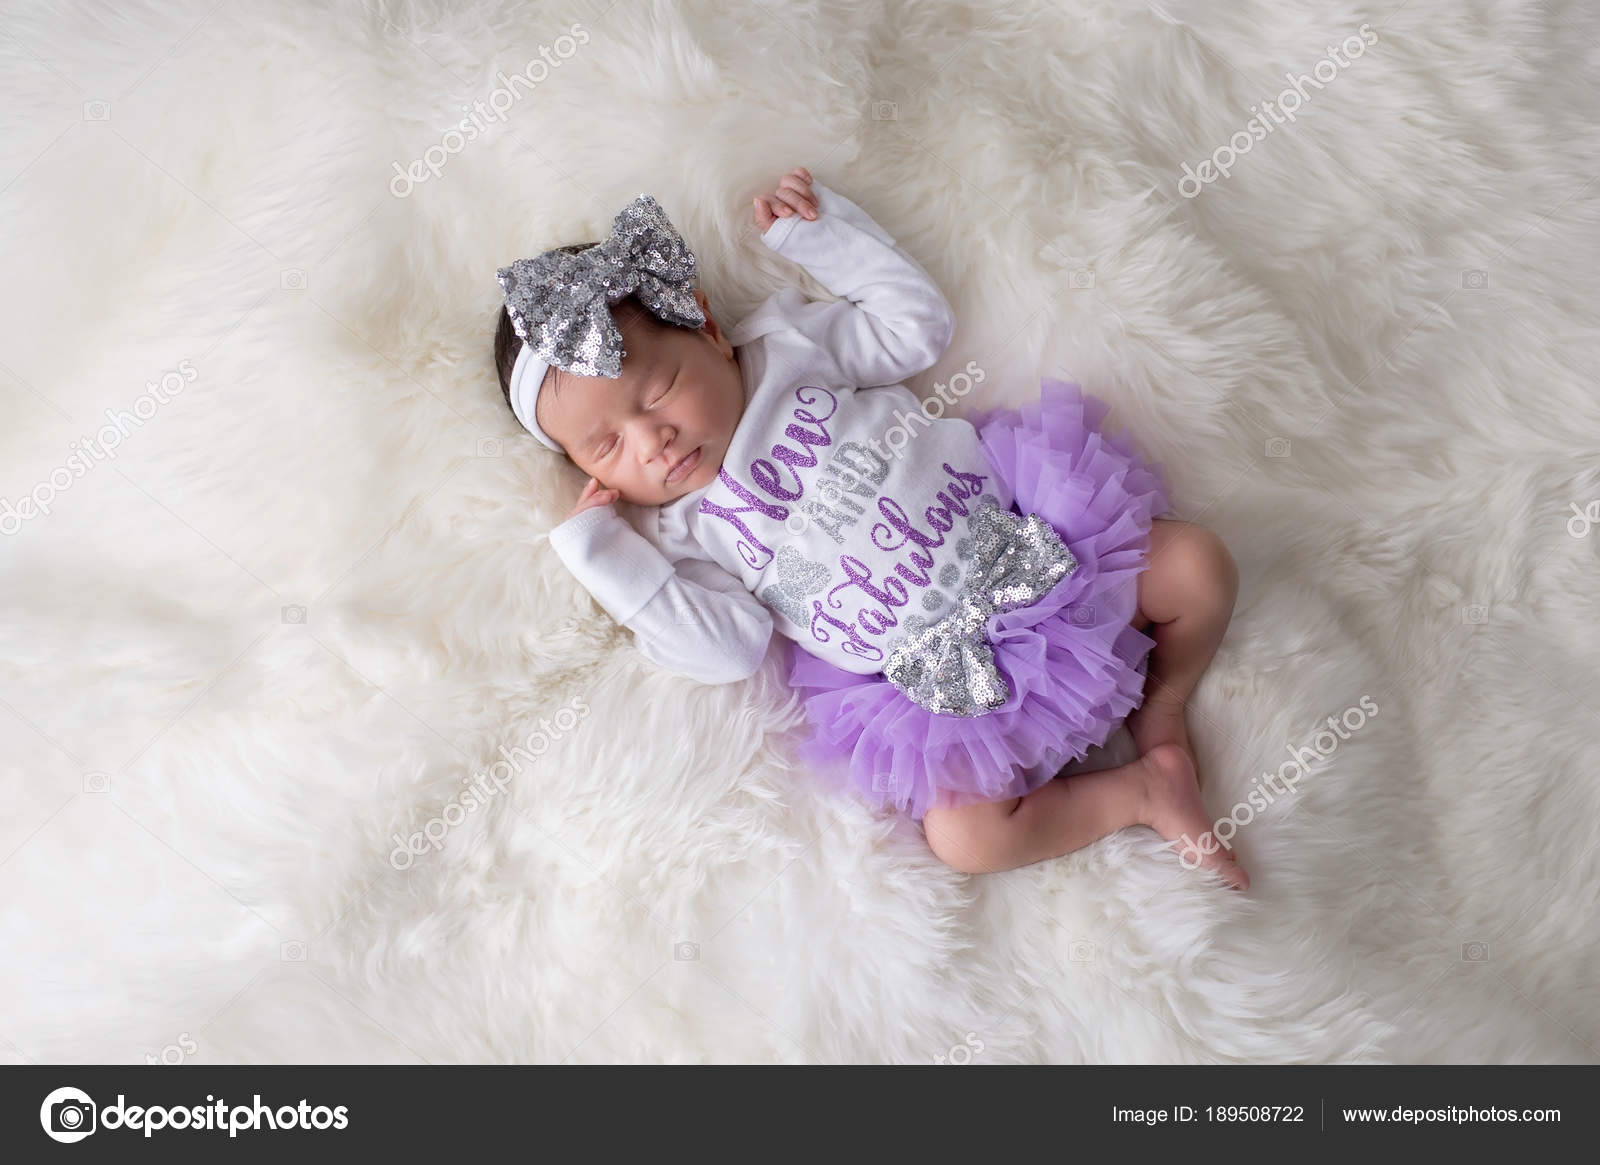 fa74f692b Retrato de una 12 días de edad recién nacido niña vestido con culotte con  volados, púrpura, tutu y un mono blanco que dicen,